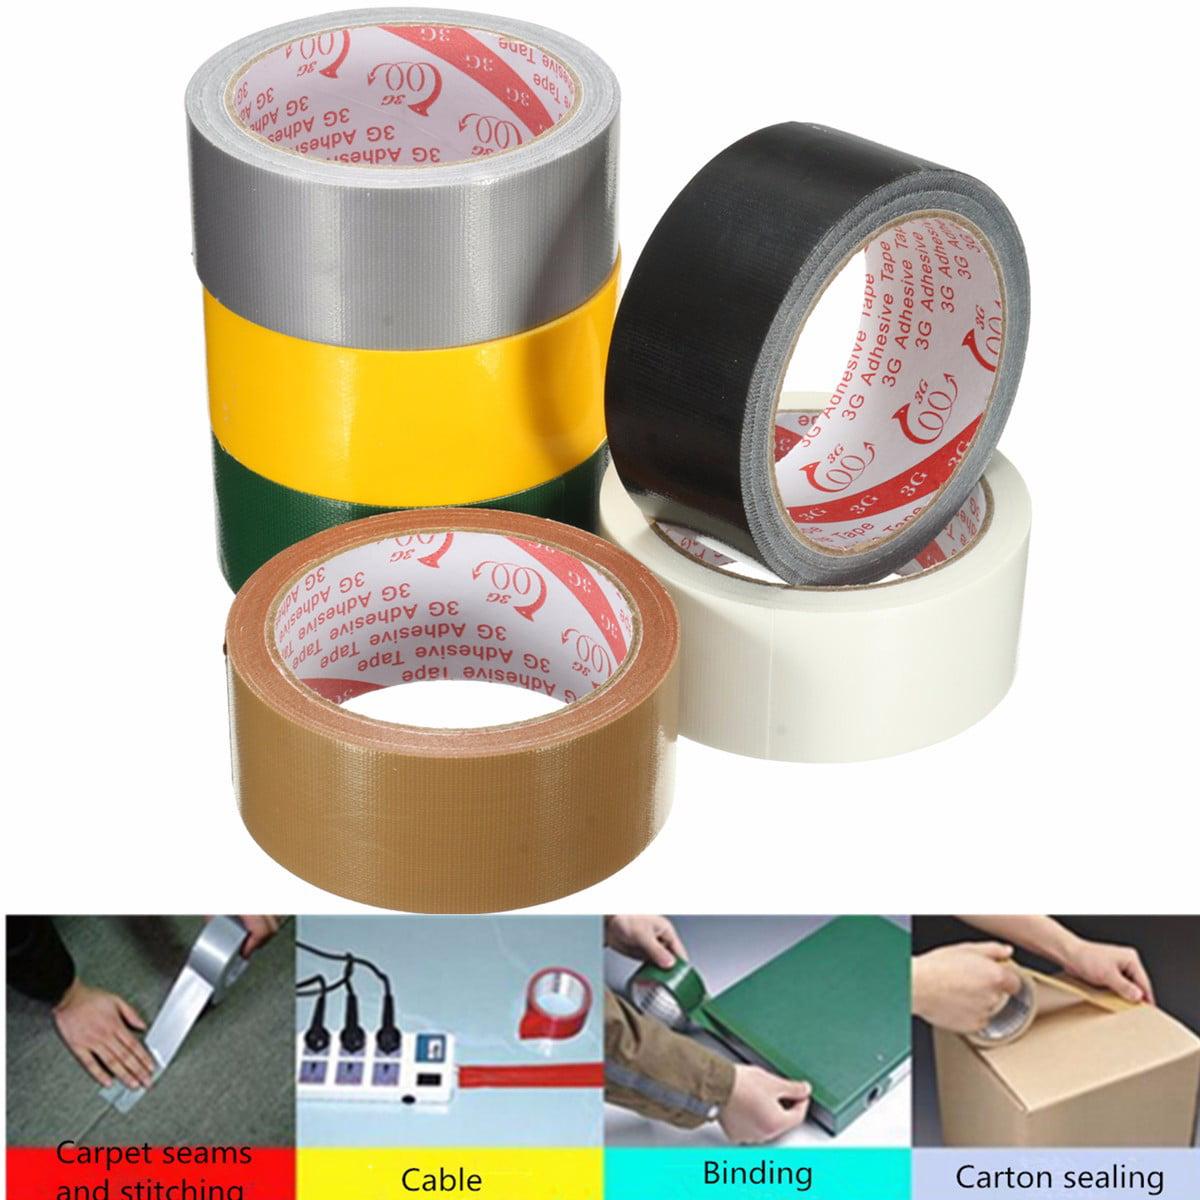 Waterproof Adhesive Cloth Performance Repair Tape Self Adhesive Tape Packaging Tape Duct Pipe Wrap Carpet Fixing Insulating